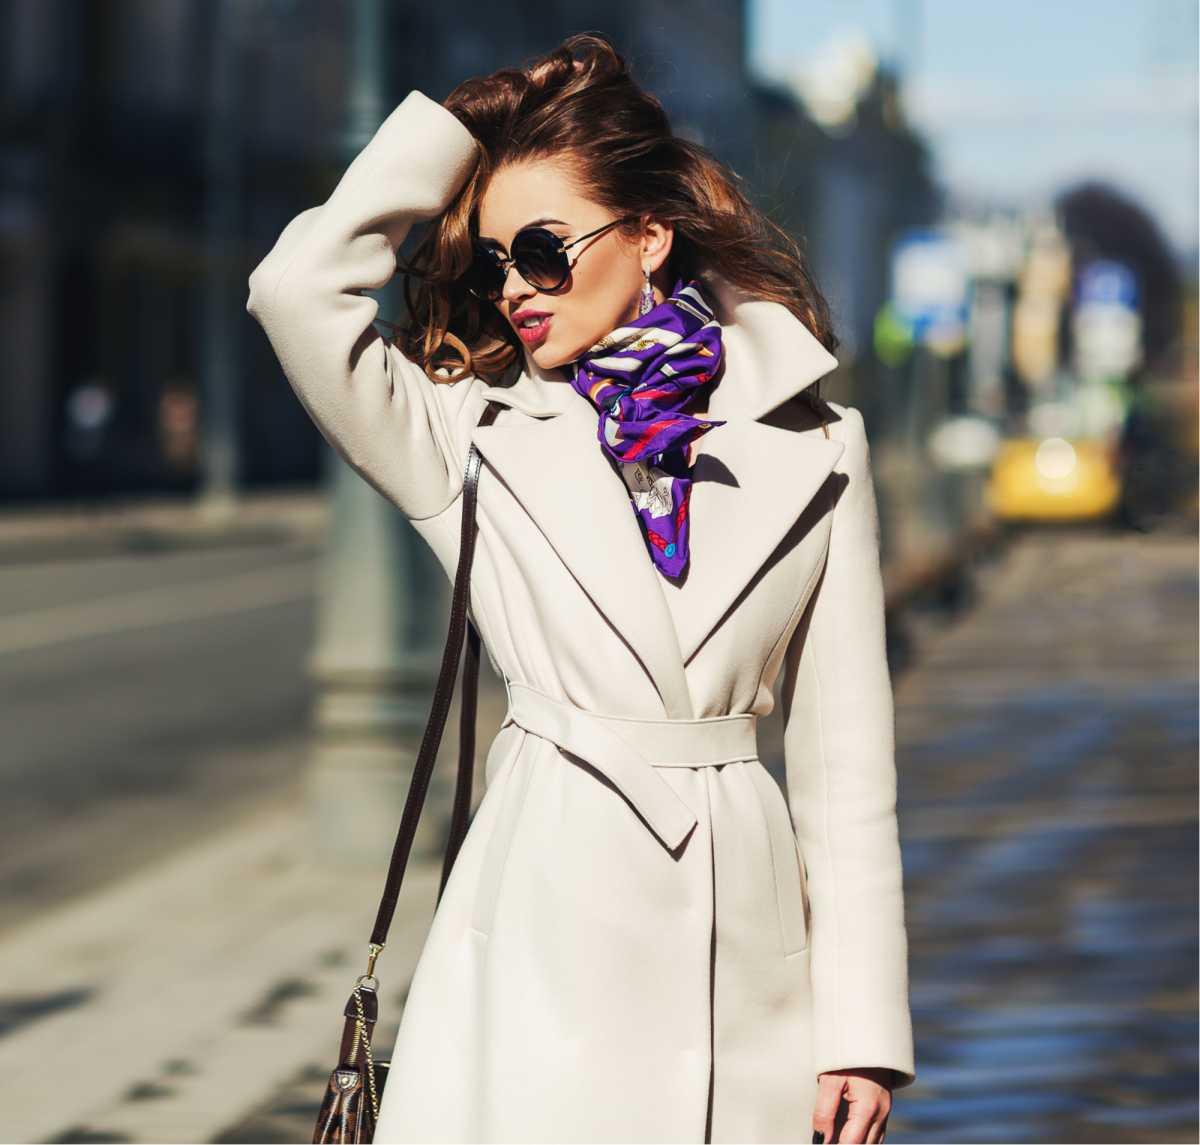 casacos chiques trench coats serão uma das trends do inverno 2019